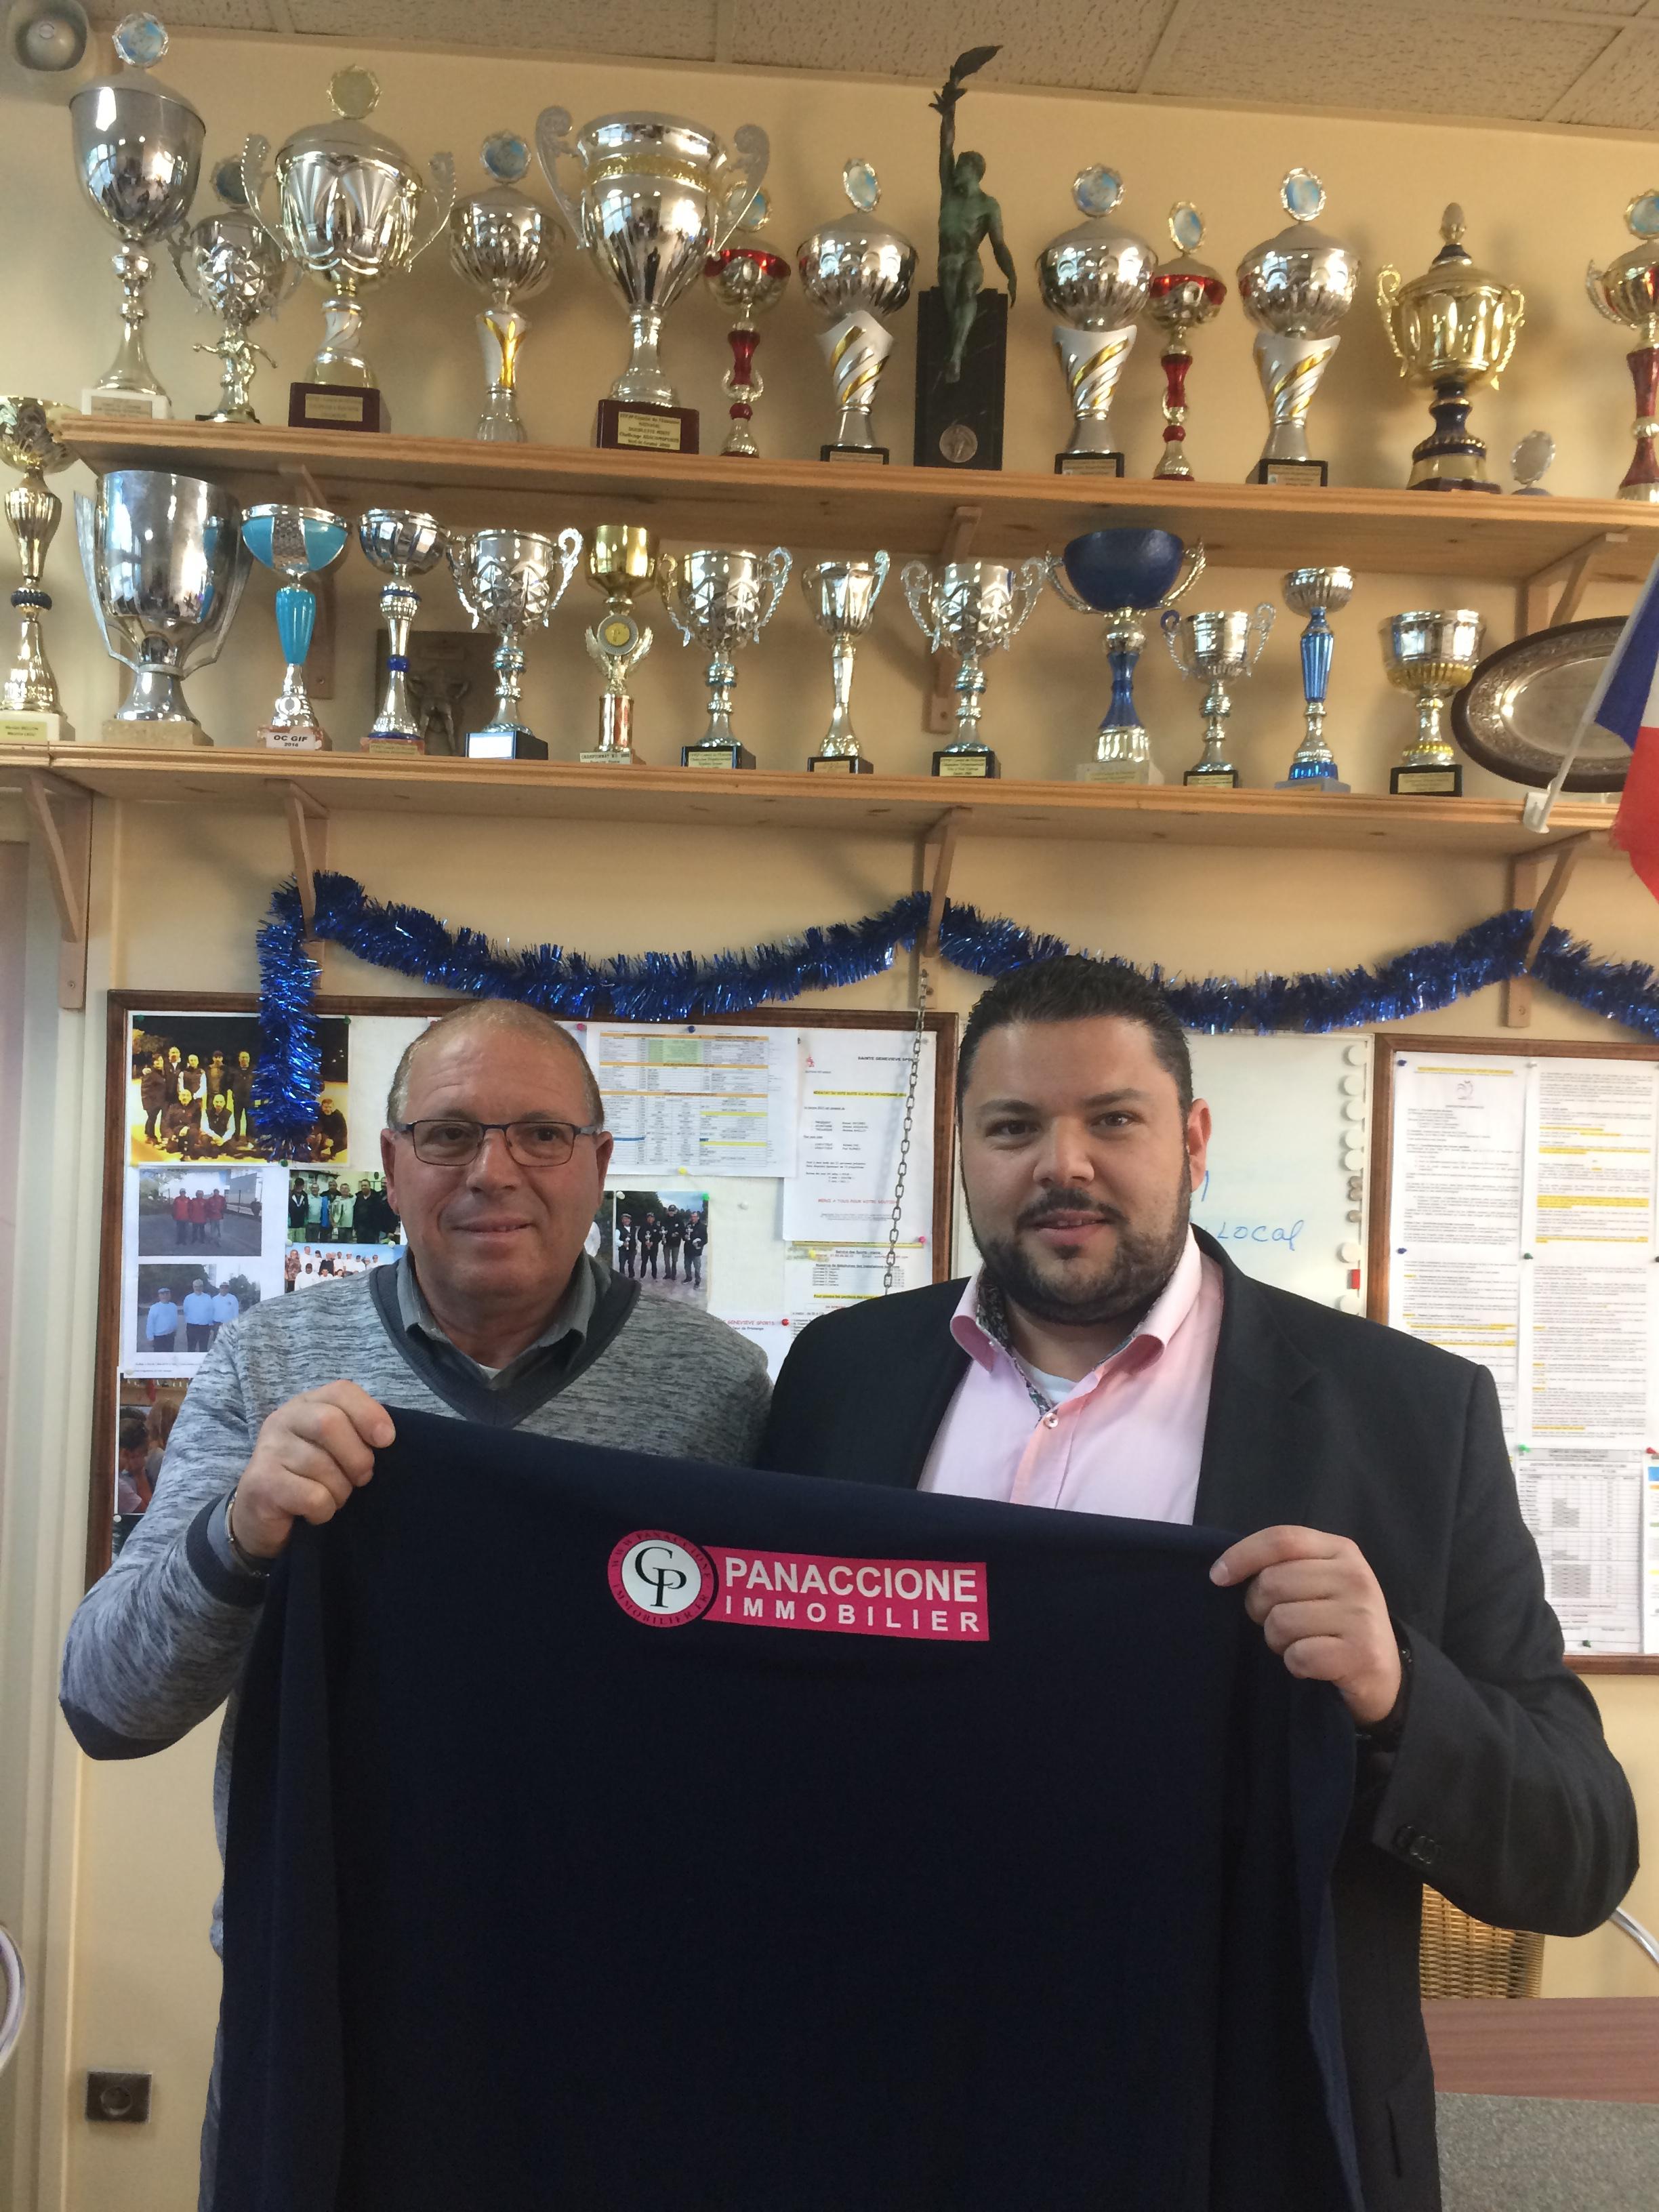 Partenariat SGS Pétanque / Cabinet Immobilier PANACCIONE